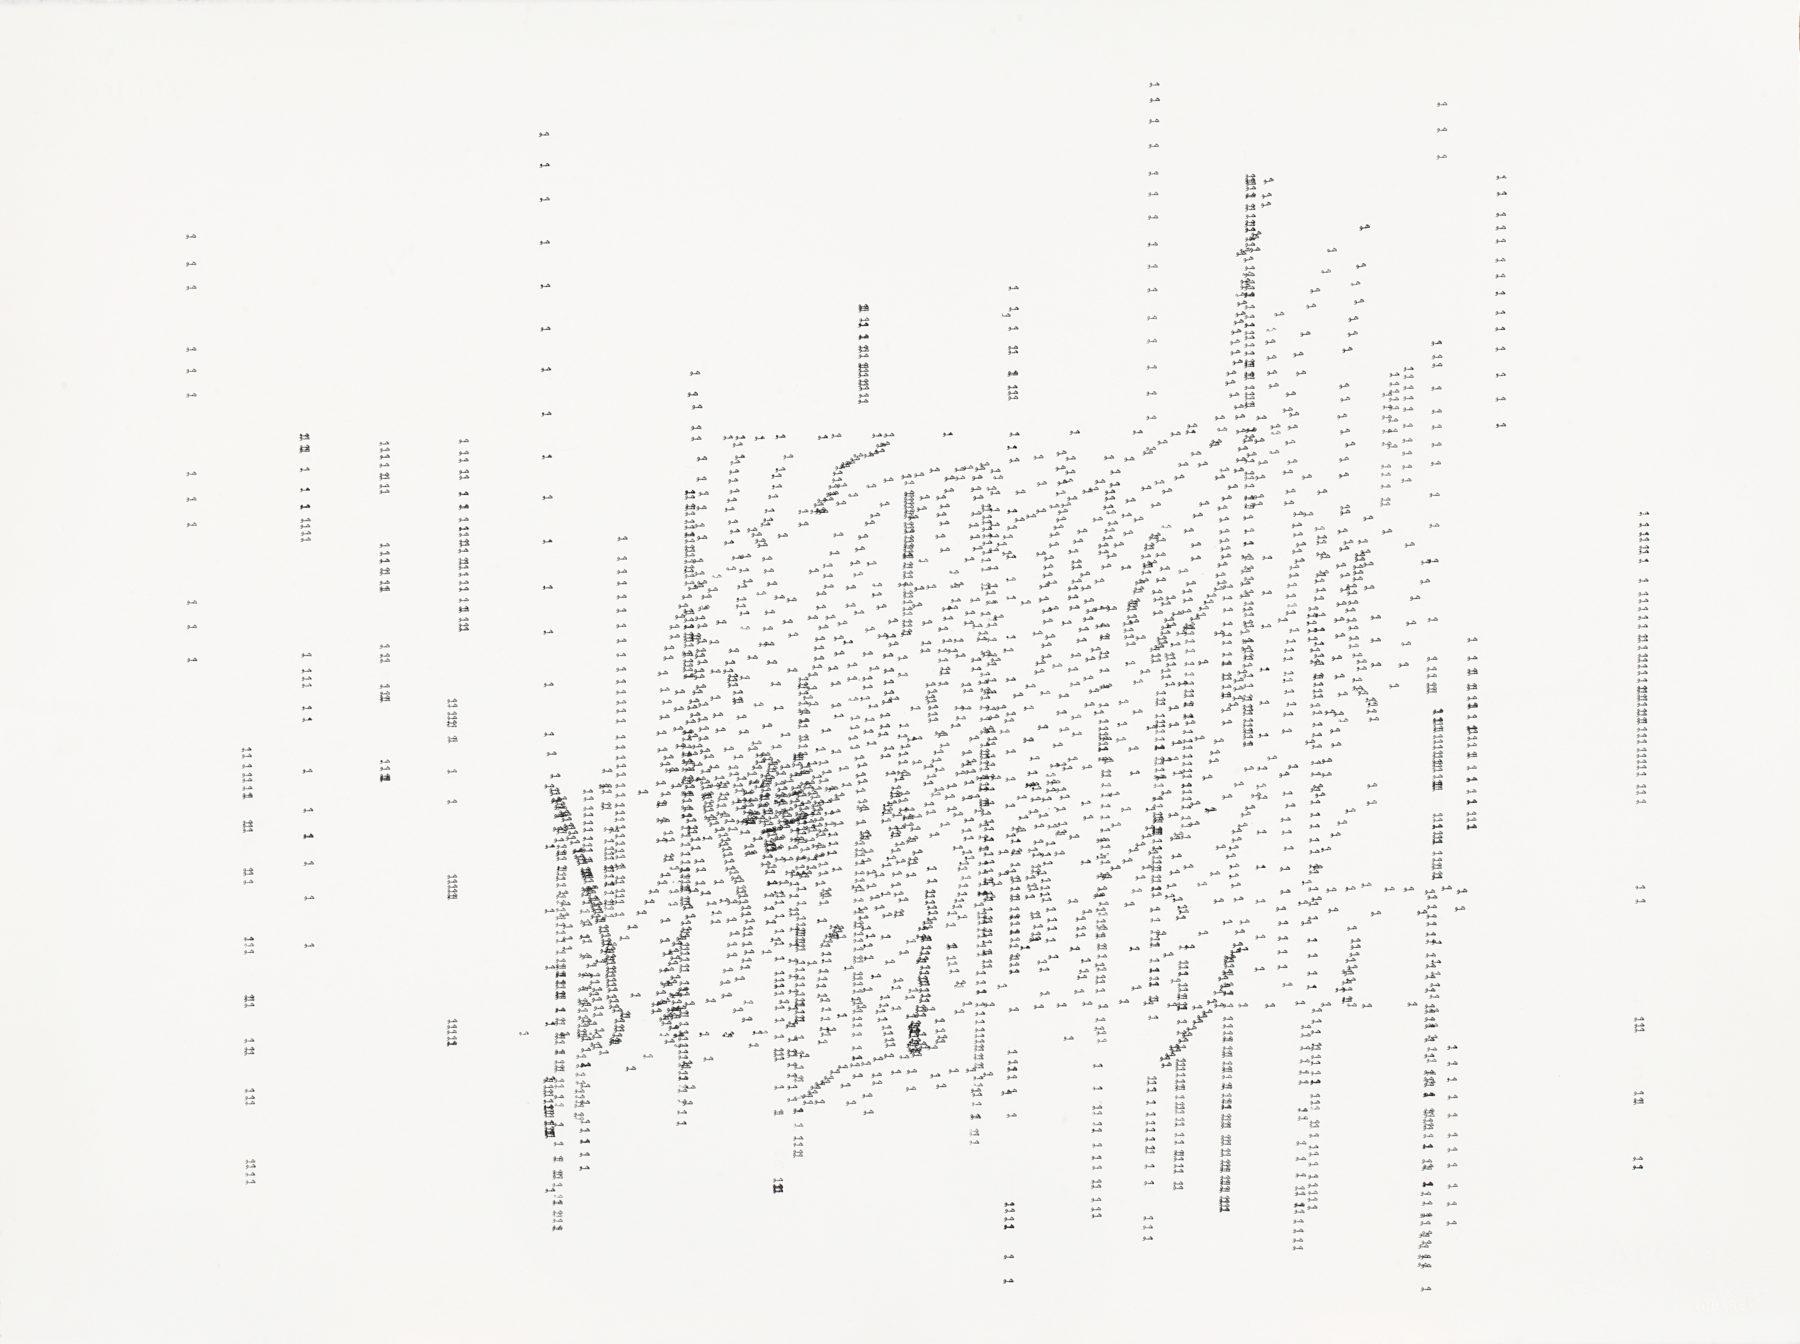 dessin-au-tampon-3-tampon-encreur-sur-papier-coton-56cm-x-76-cm-2016